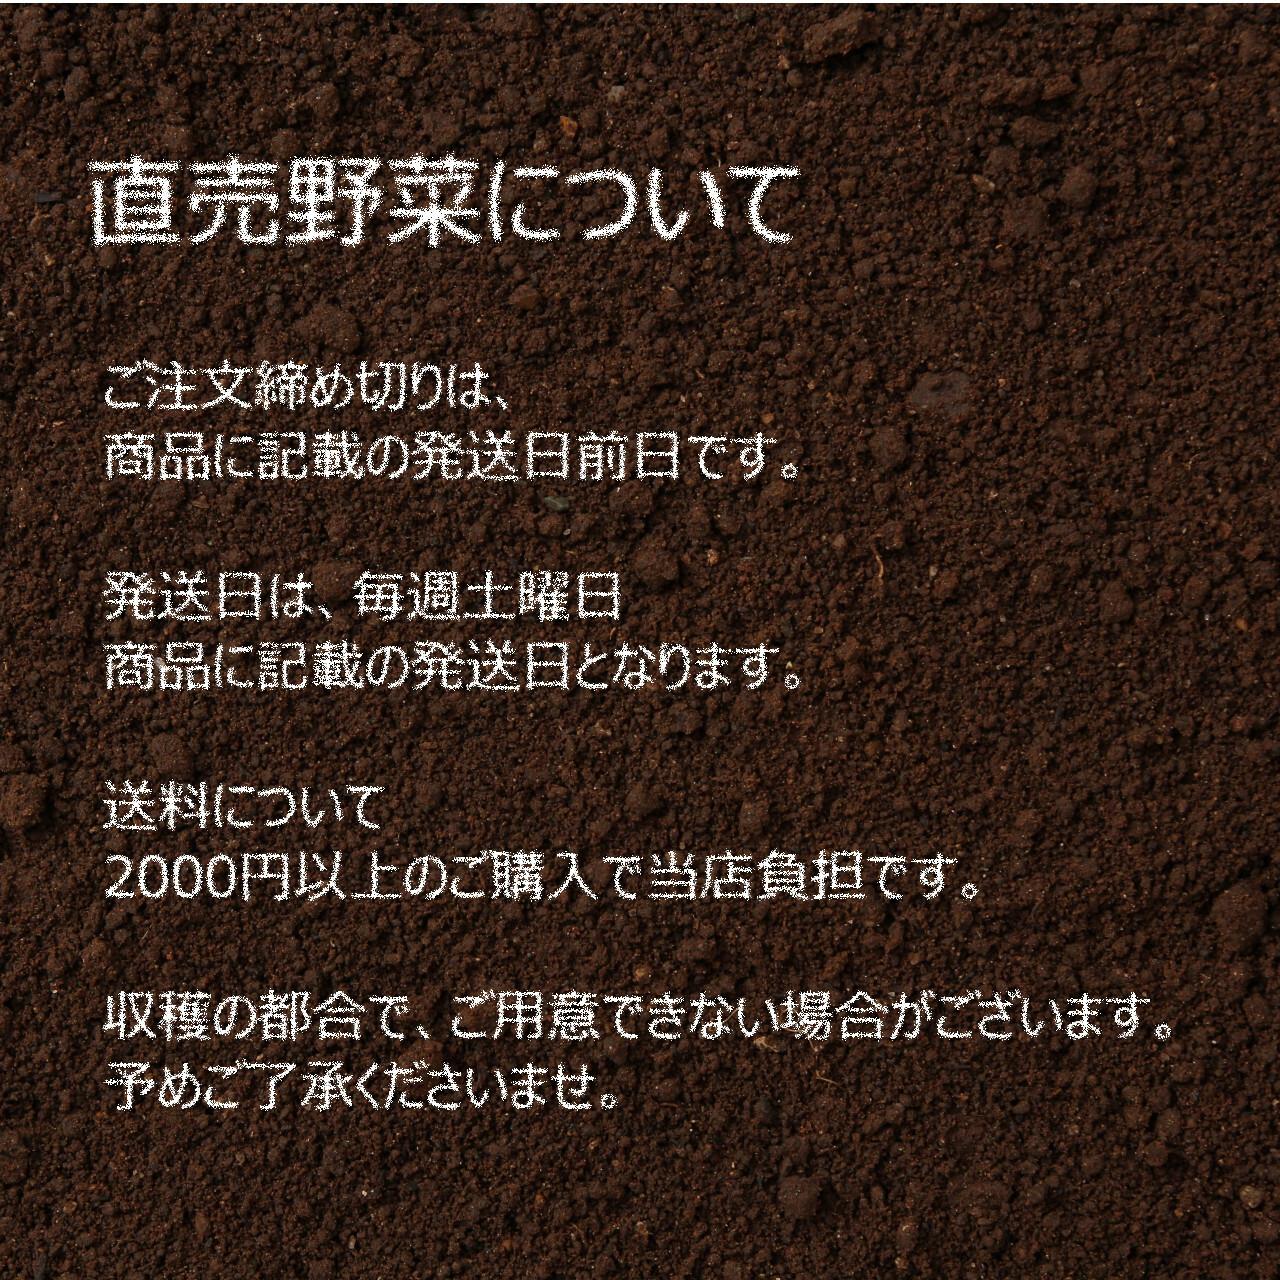 6月の朝採り直売野菜 : ピーマン 約300g 春の新鮮野菜 6月13日発送予定